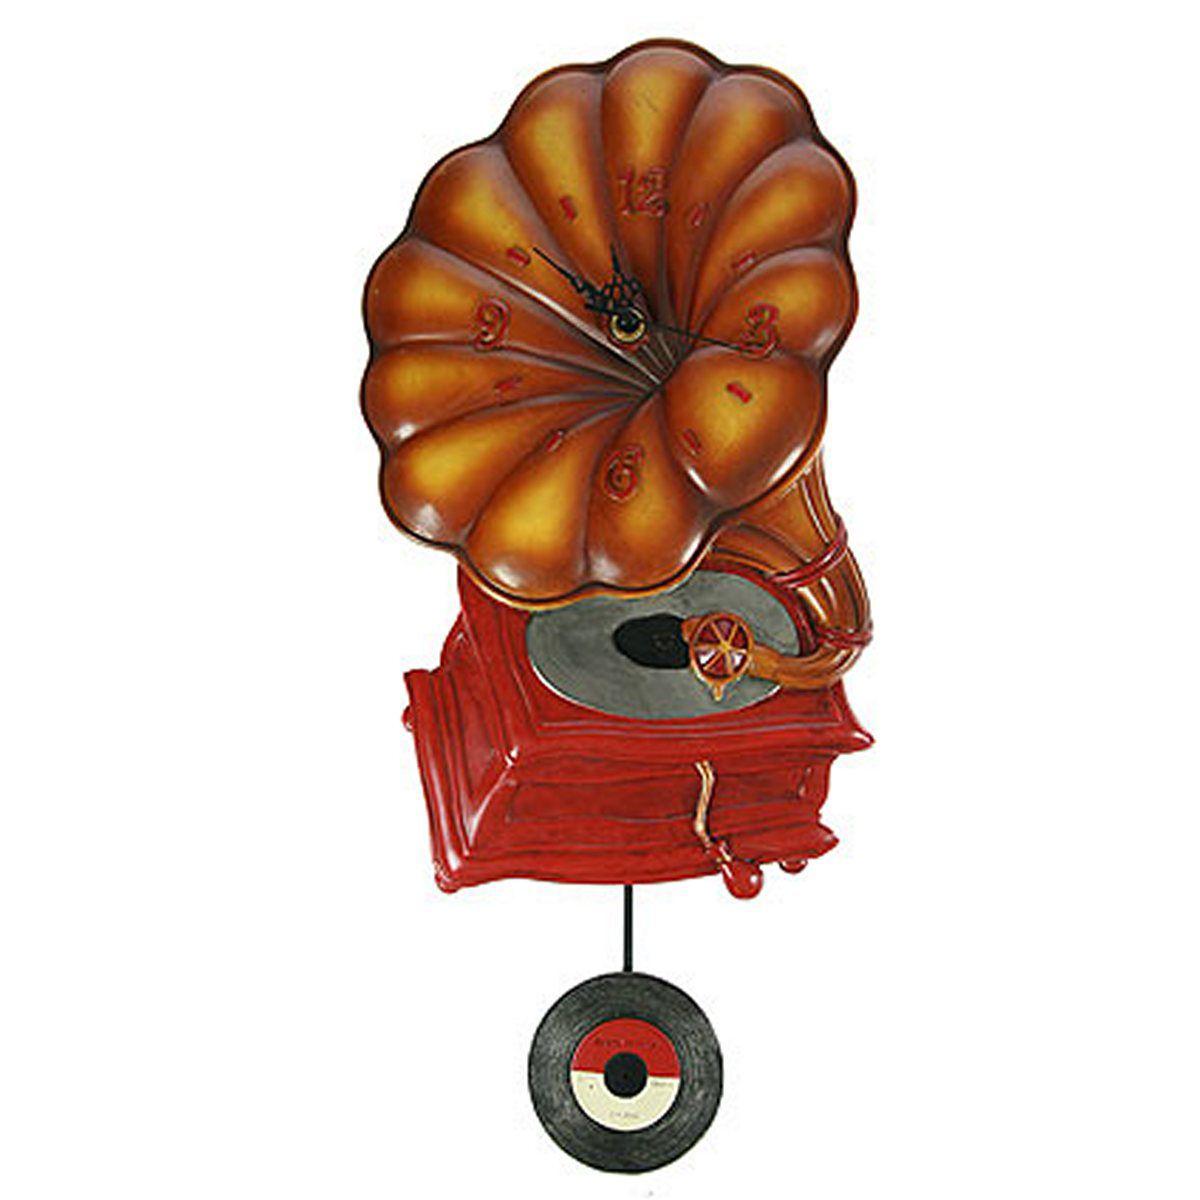 Часы настенные Русские Подарки Граммофон, с маятником, 25 х 7 х 52 см. 224864224864Настенные кварцевые часы с маятником Русские Подарки Граммофон изготовлены из полистоуна. Корпус выполнен в виде старинного граммофона. Часы имеют три стрелки - часовую, минутную и секундную. С обратной стороны имеетсяпетелька для подвешивания на стену. Изящные часы красиво и оригинально оформят интерьер дома или офиса. Также часы могут стать уникальным, полезным подарком для родственников, коллег, знакомых и близких.Часы работают от батареек типа АА (в комплект не входят).